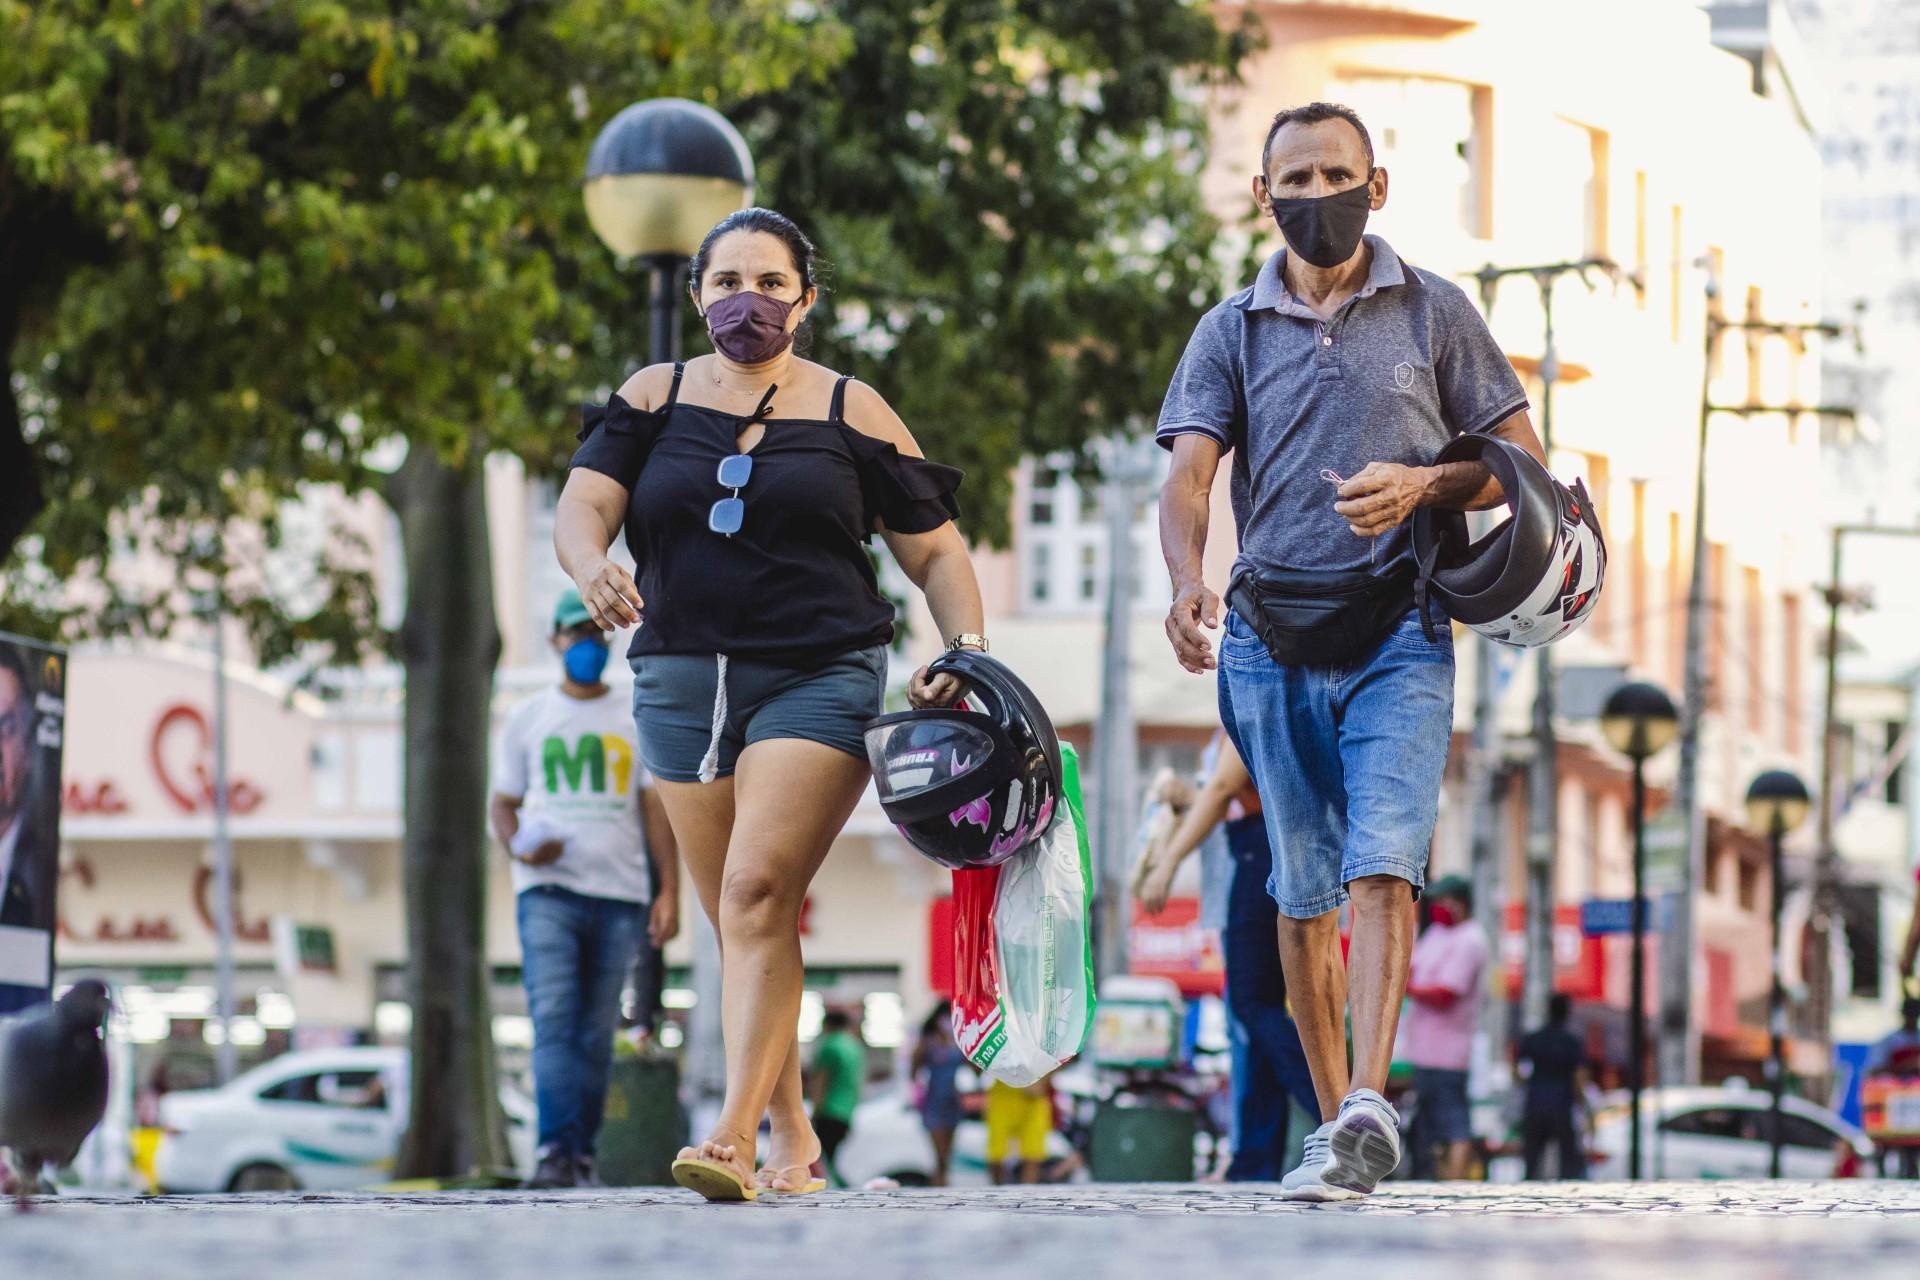 FORTALEZA, CE, BRASIL, 21.08.2020: Movimentação no centro da cidade, na Praca do Ferreira. Em epoca de COVID-19.  (Foto: Aurelio Alves/ O POVO)